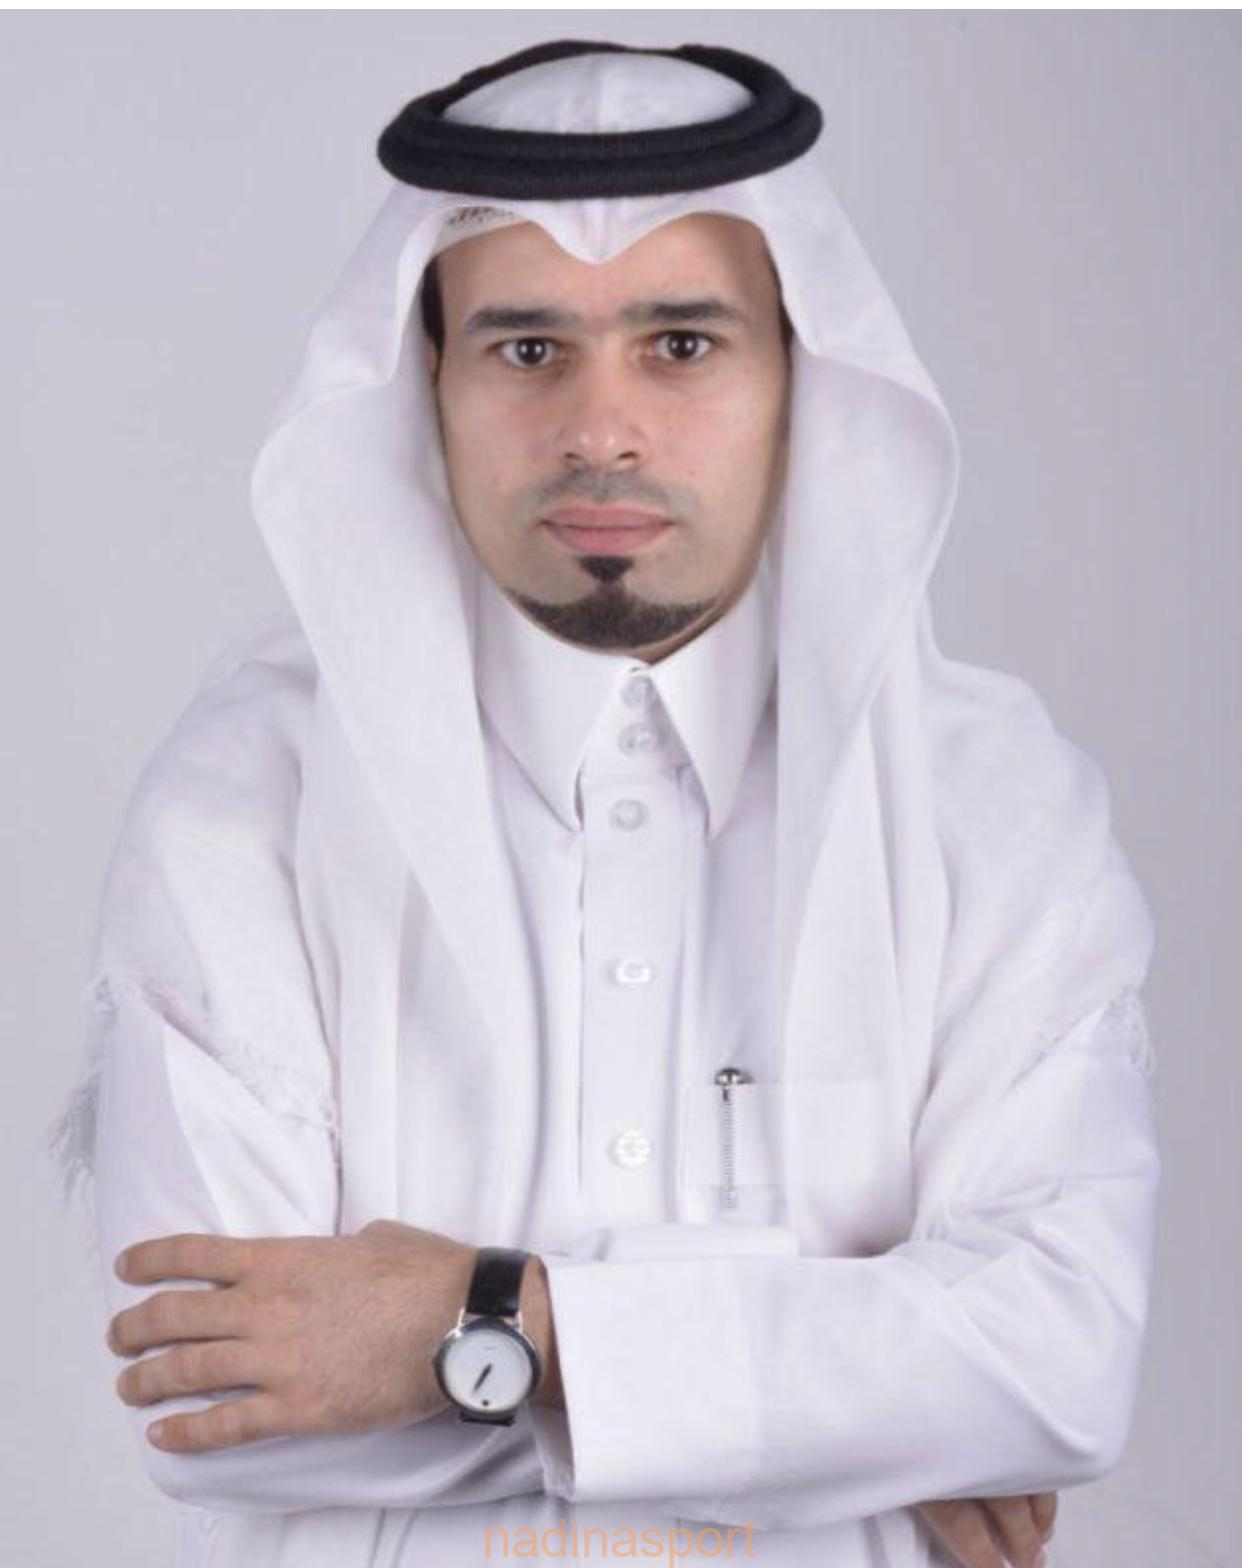 الاعلامي حسين الحبيب مبروك للمدرج الفخم الزعيم العالمي